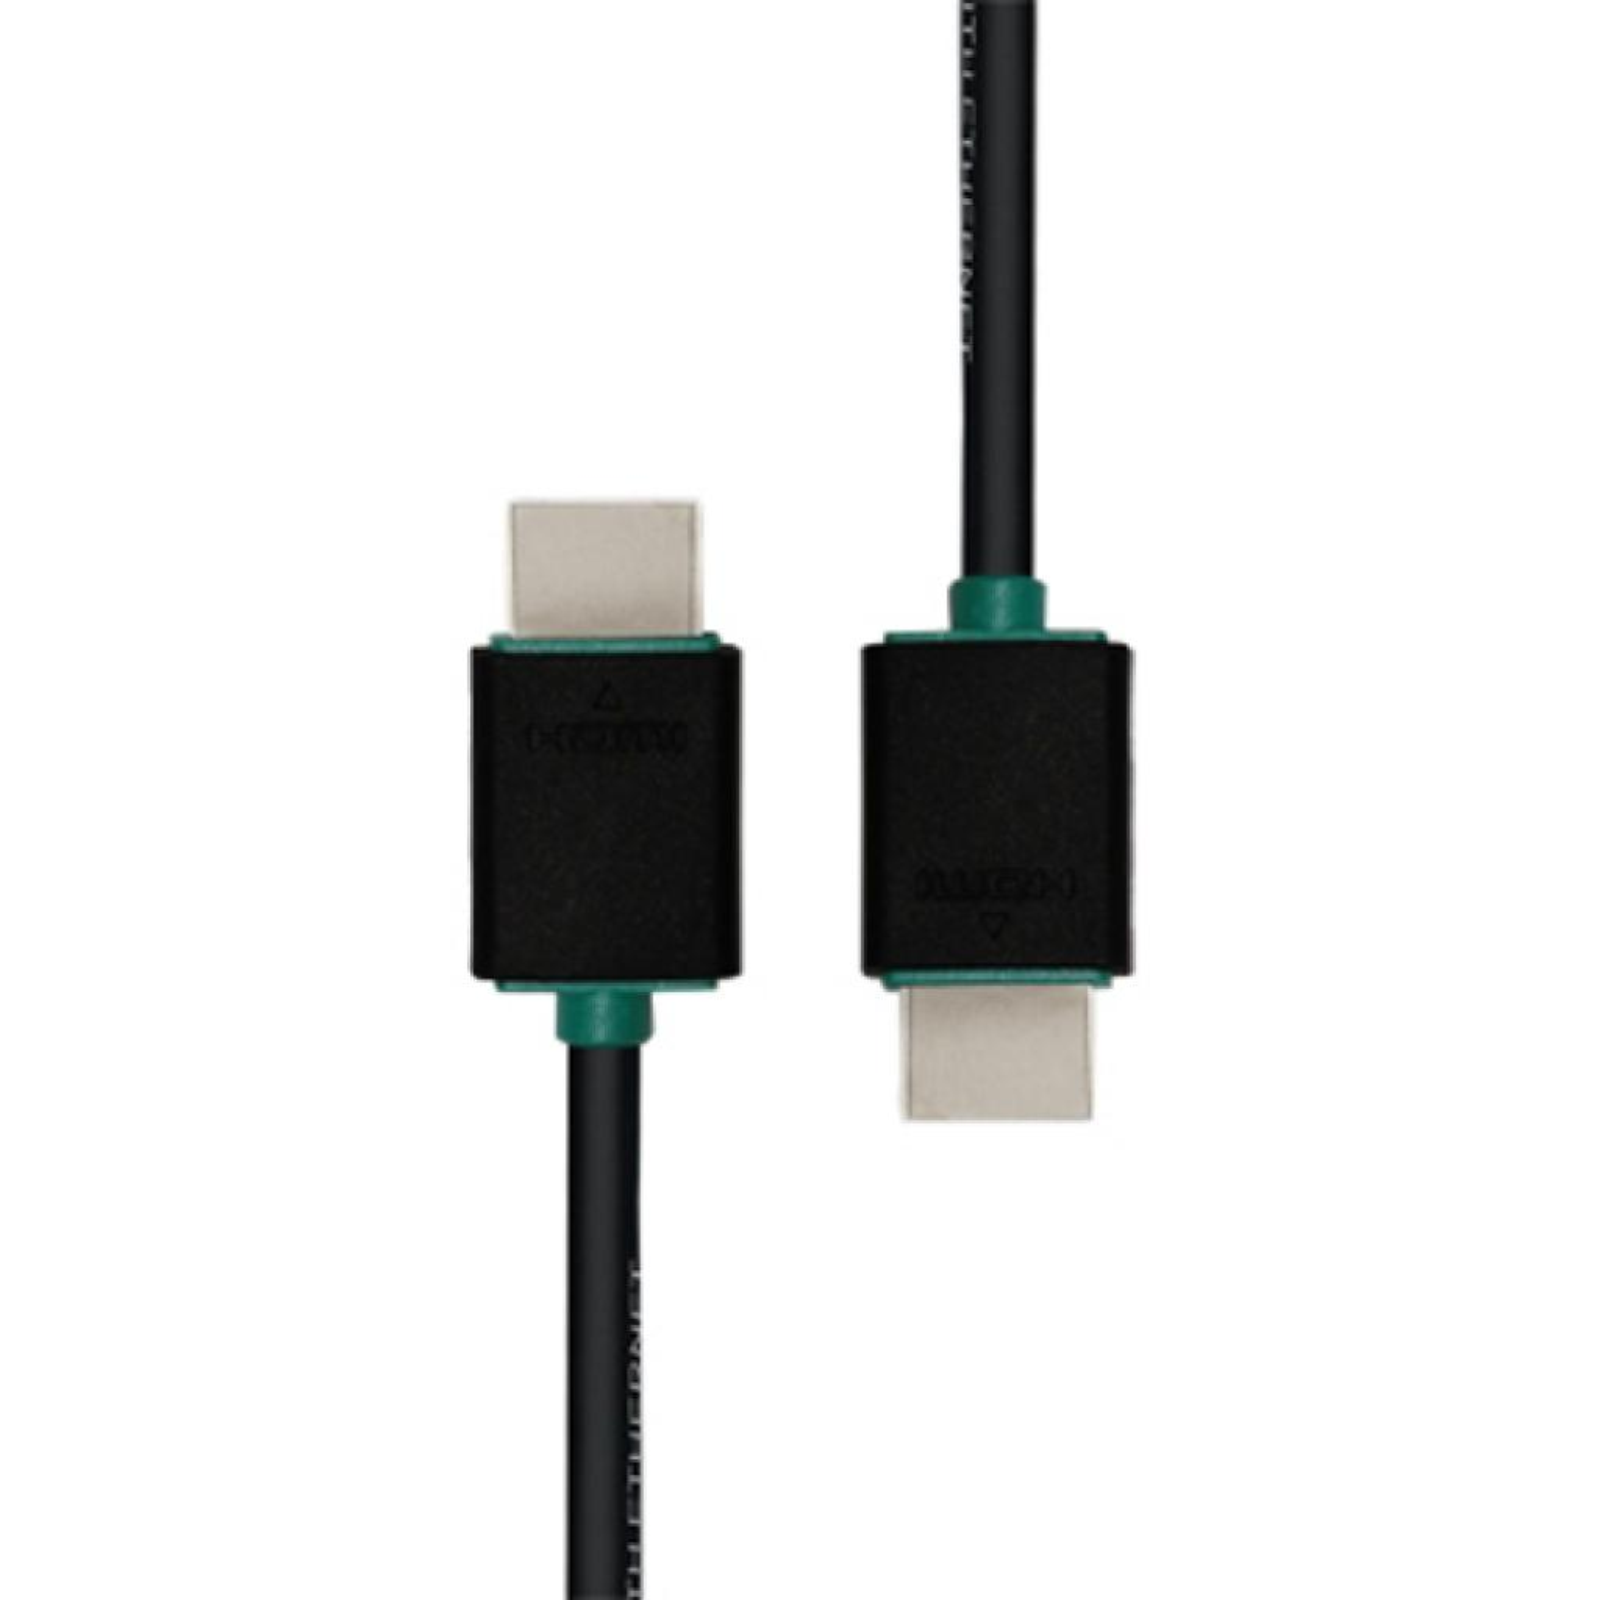 Кабель мультимедийный HDMI to HDMI 5.0m Prolink (PB348-0500) изображение 2